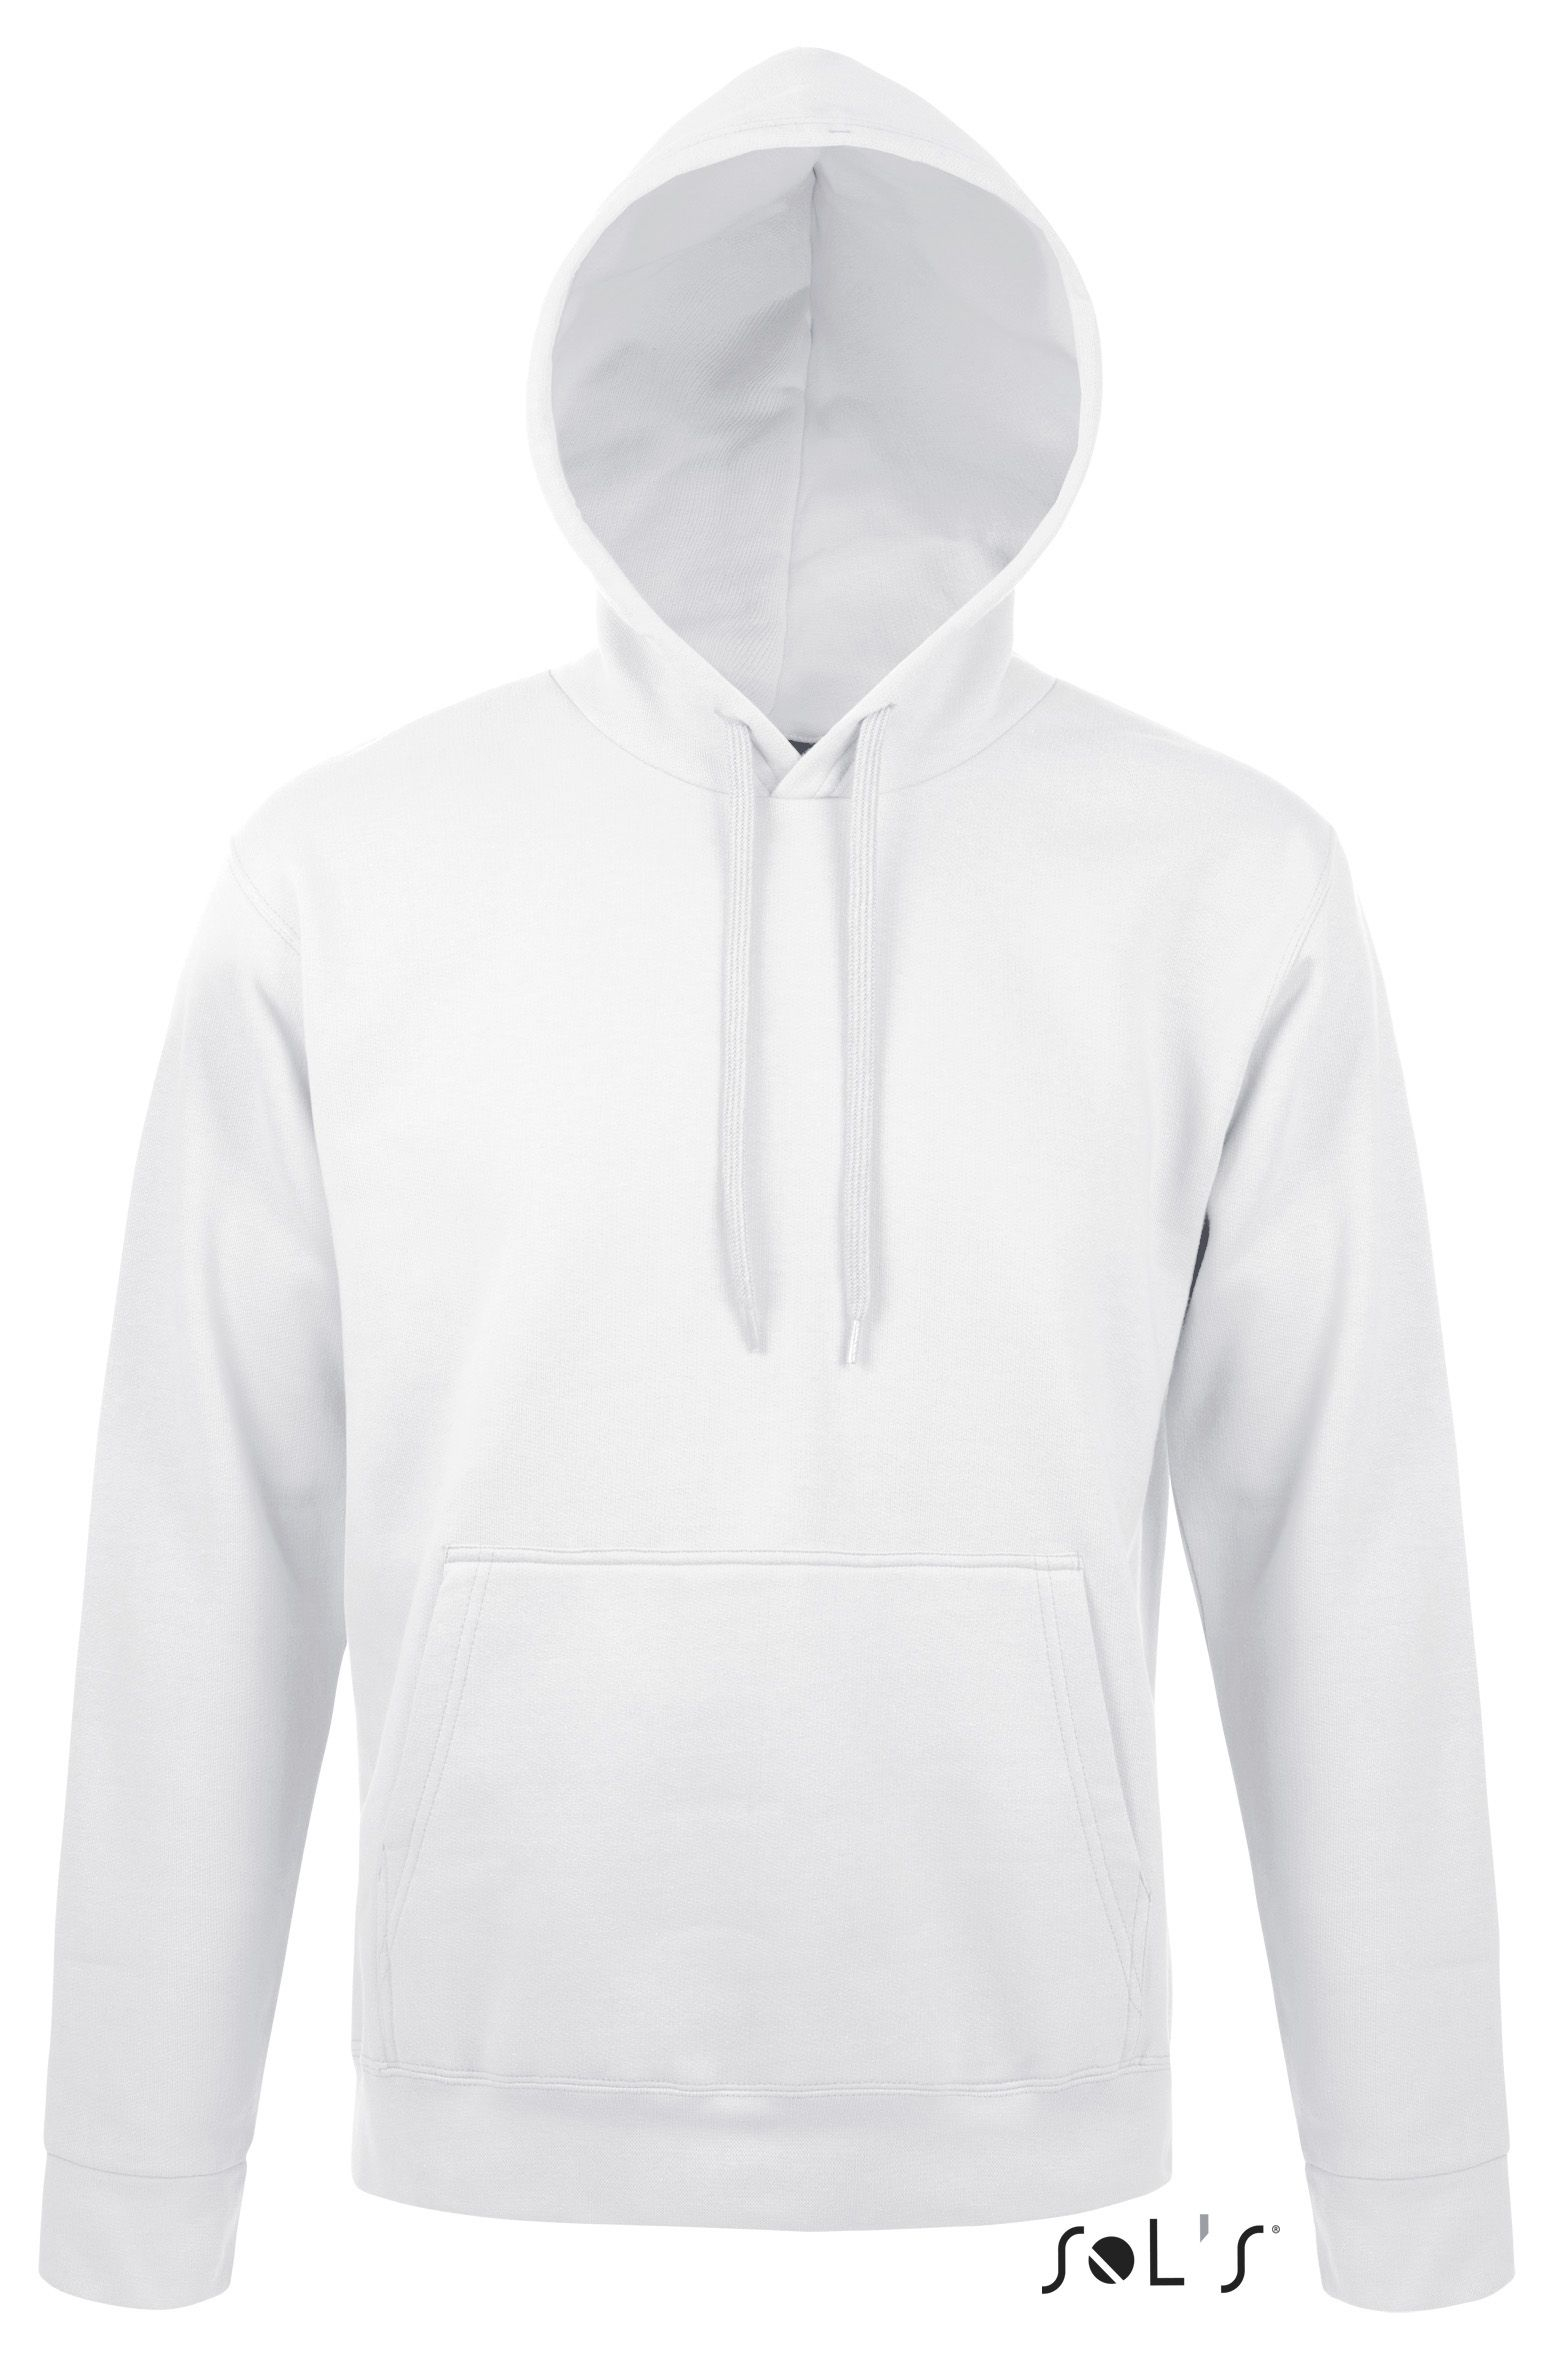 Bluza dresowa S 47101 Snake 280 - 47101_white_S - Kolor: White